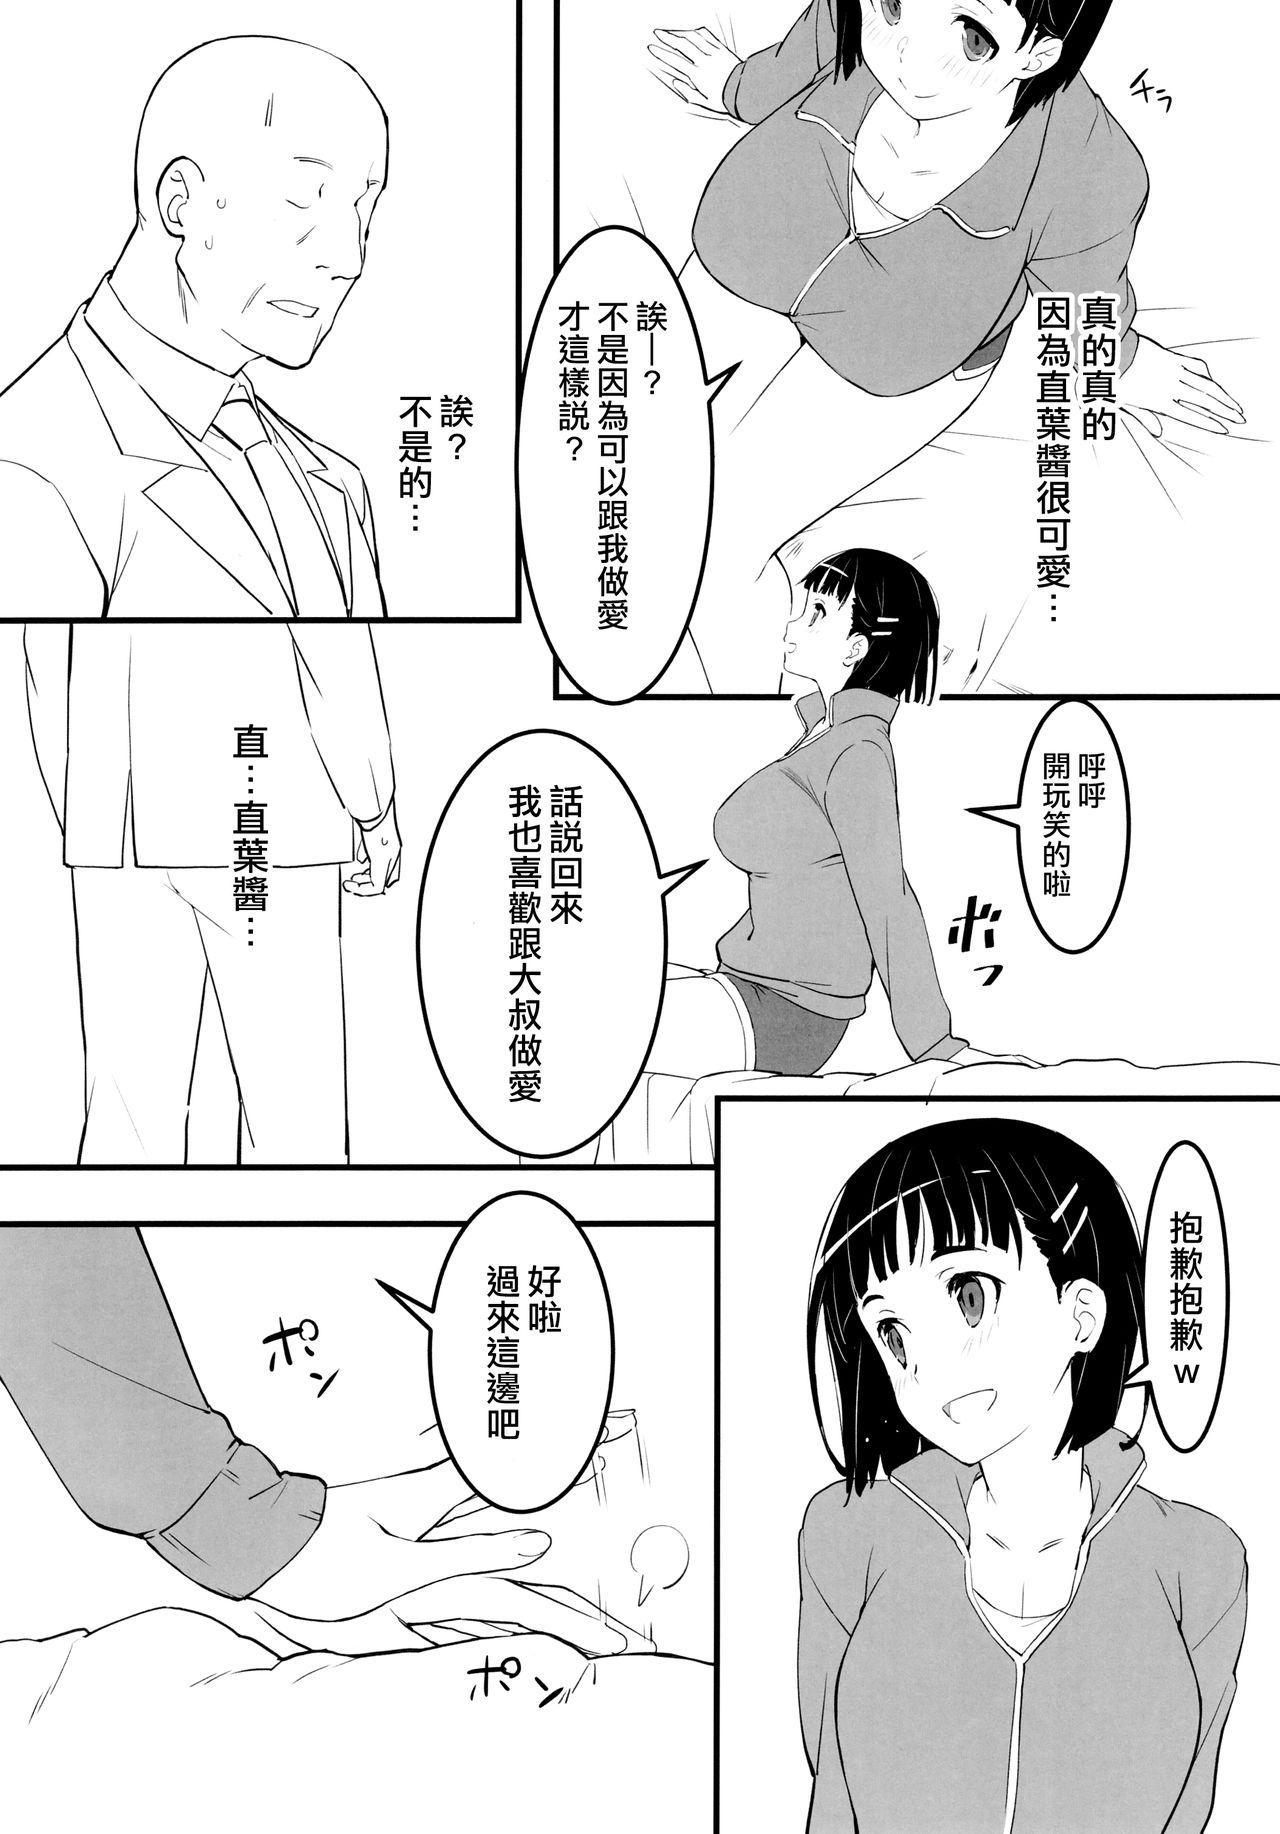 Heyagi no Suguha to Oji-san 2